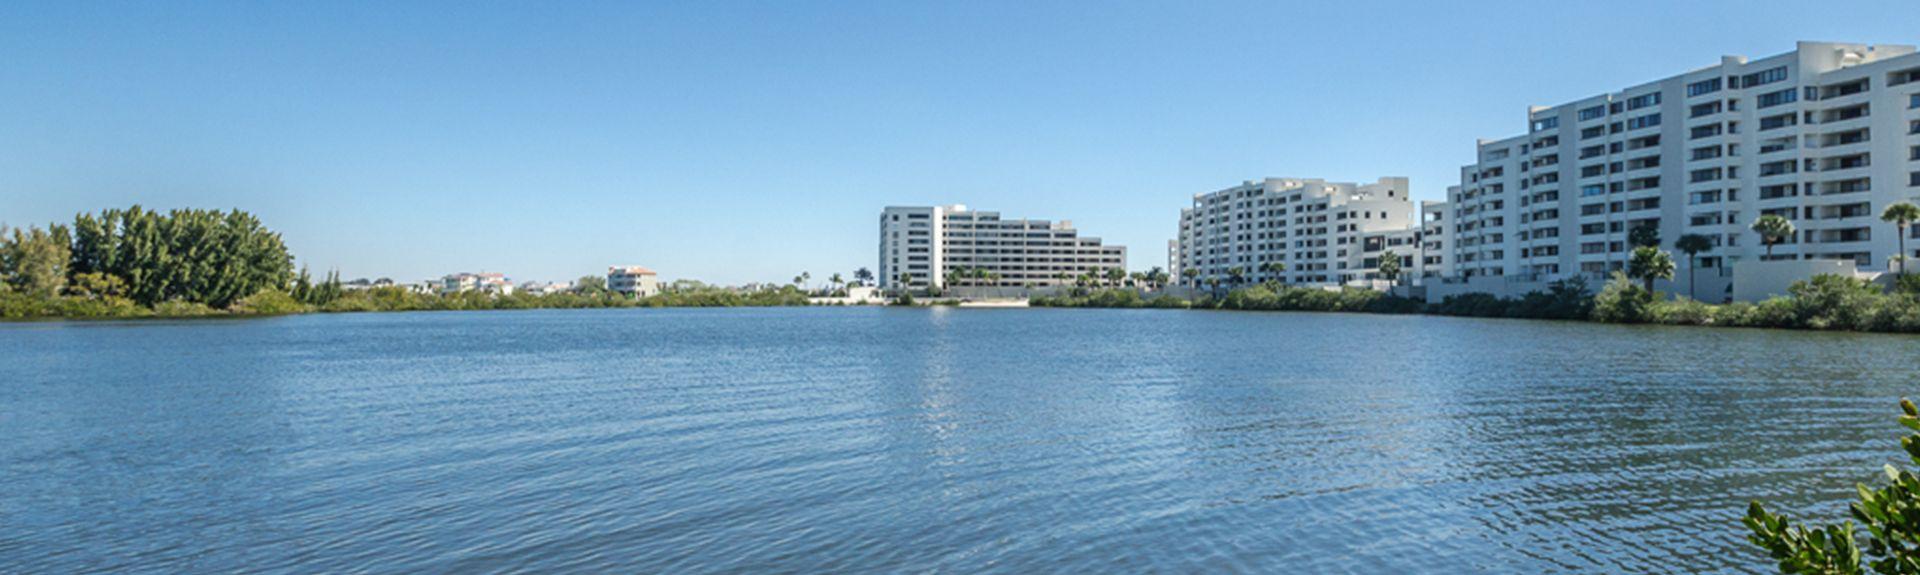 Aripeka, FL, USA